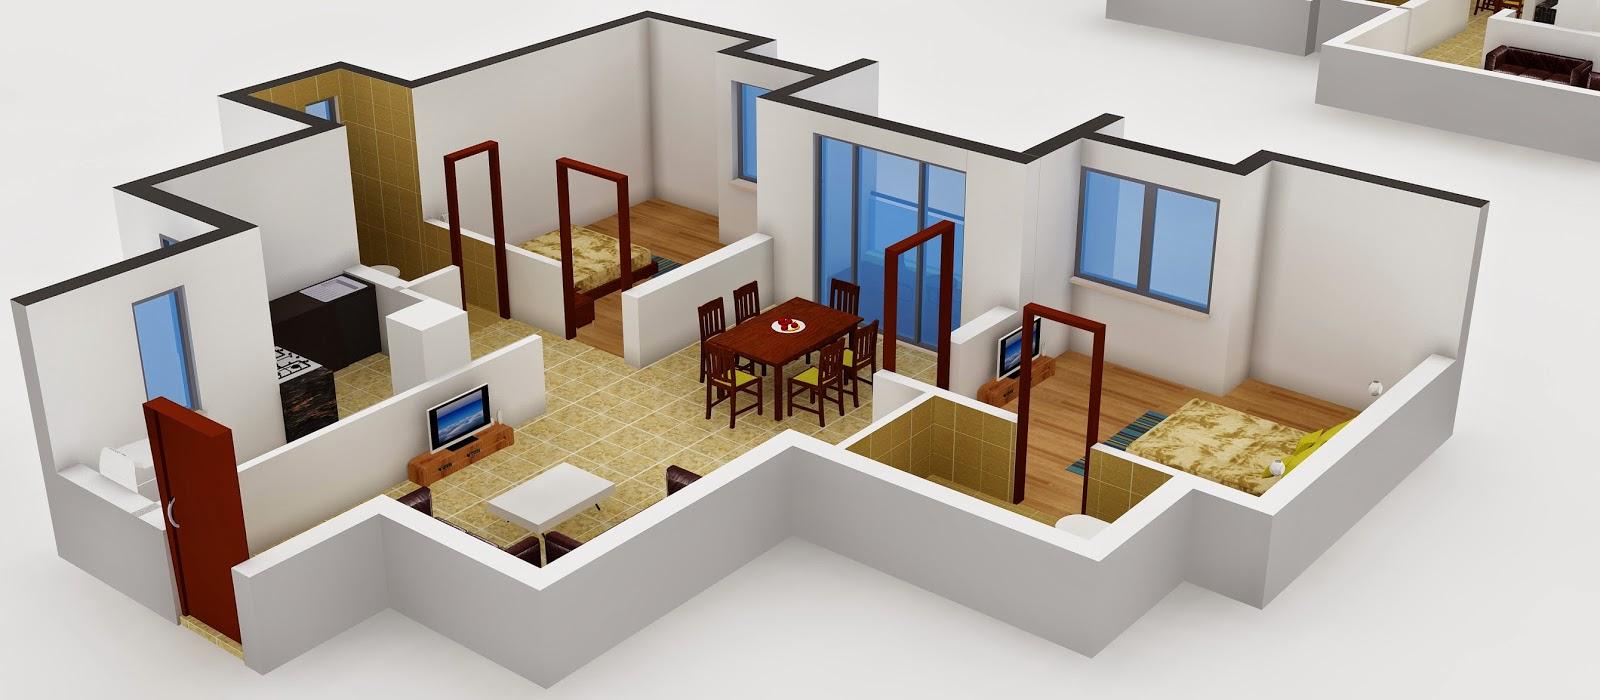 Interior design 2 bhk flat for 2 bhk flat interior decoration